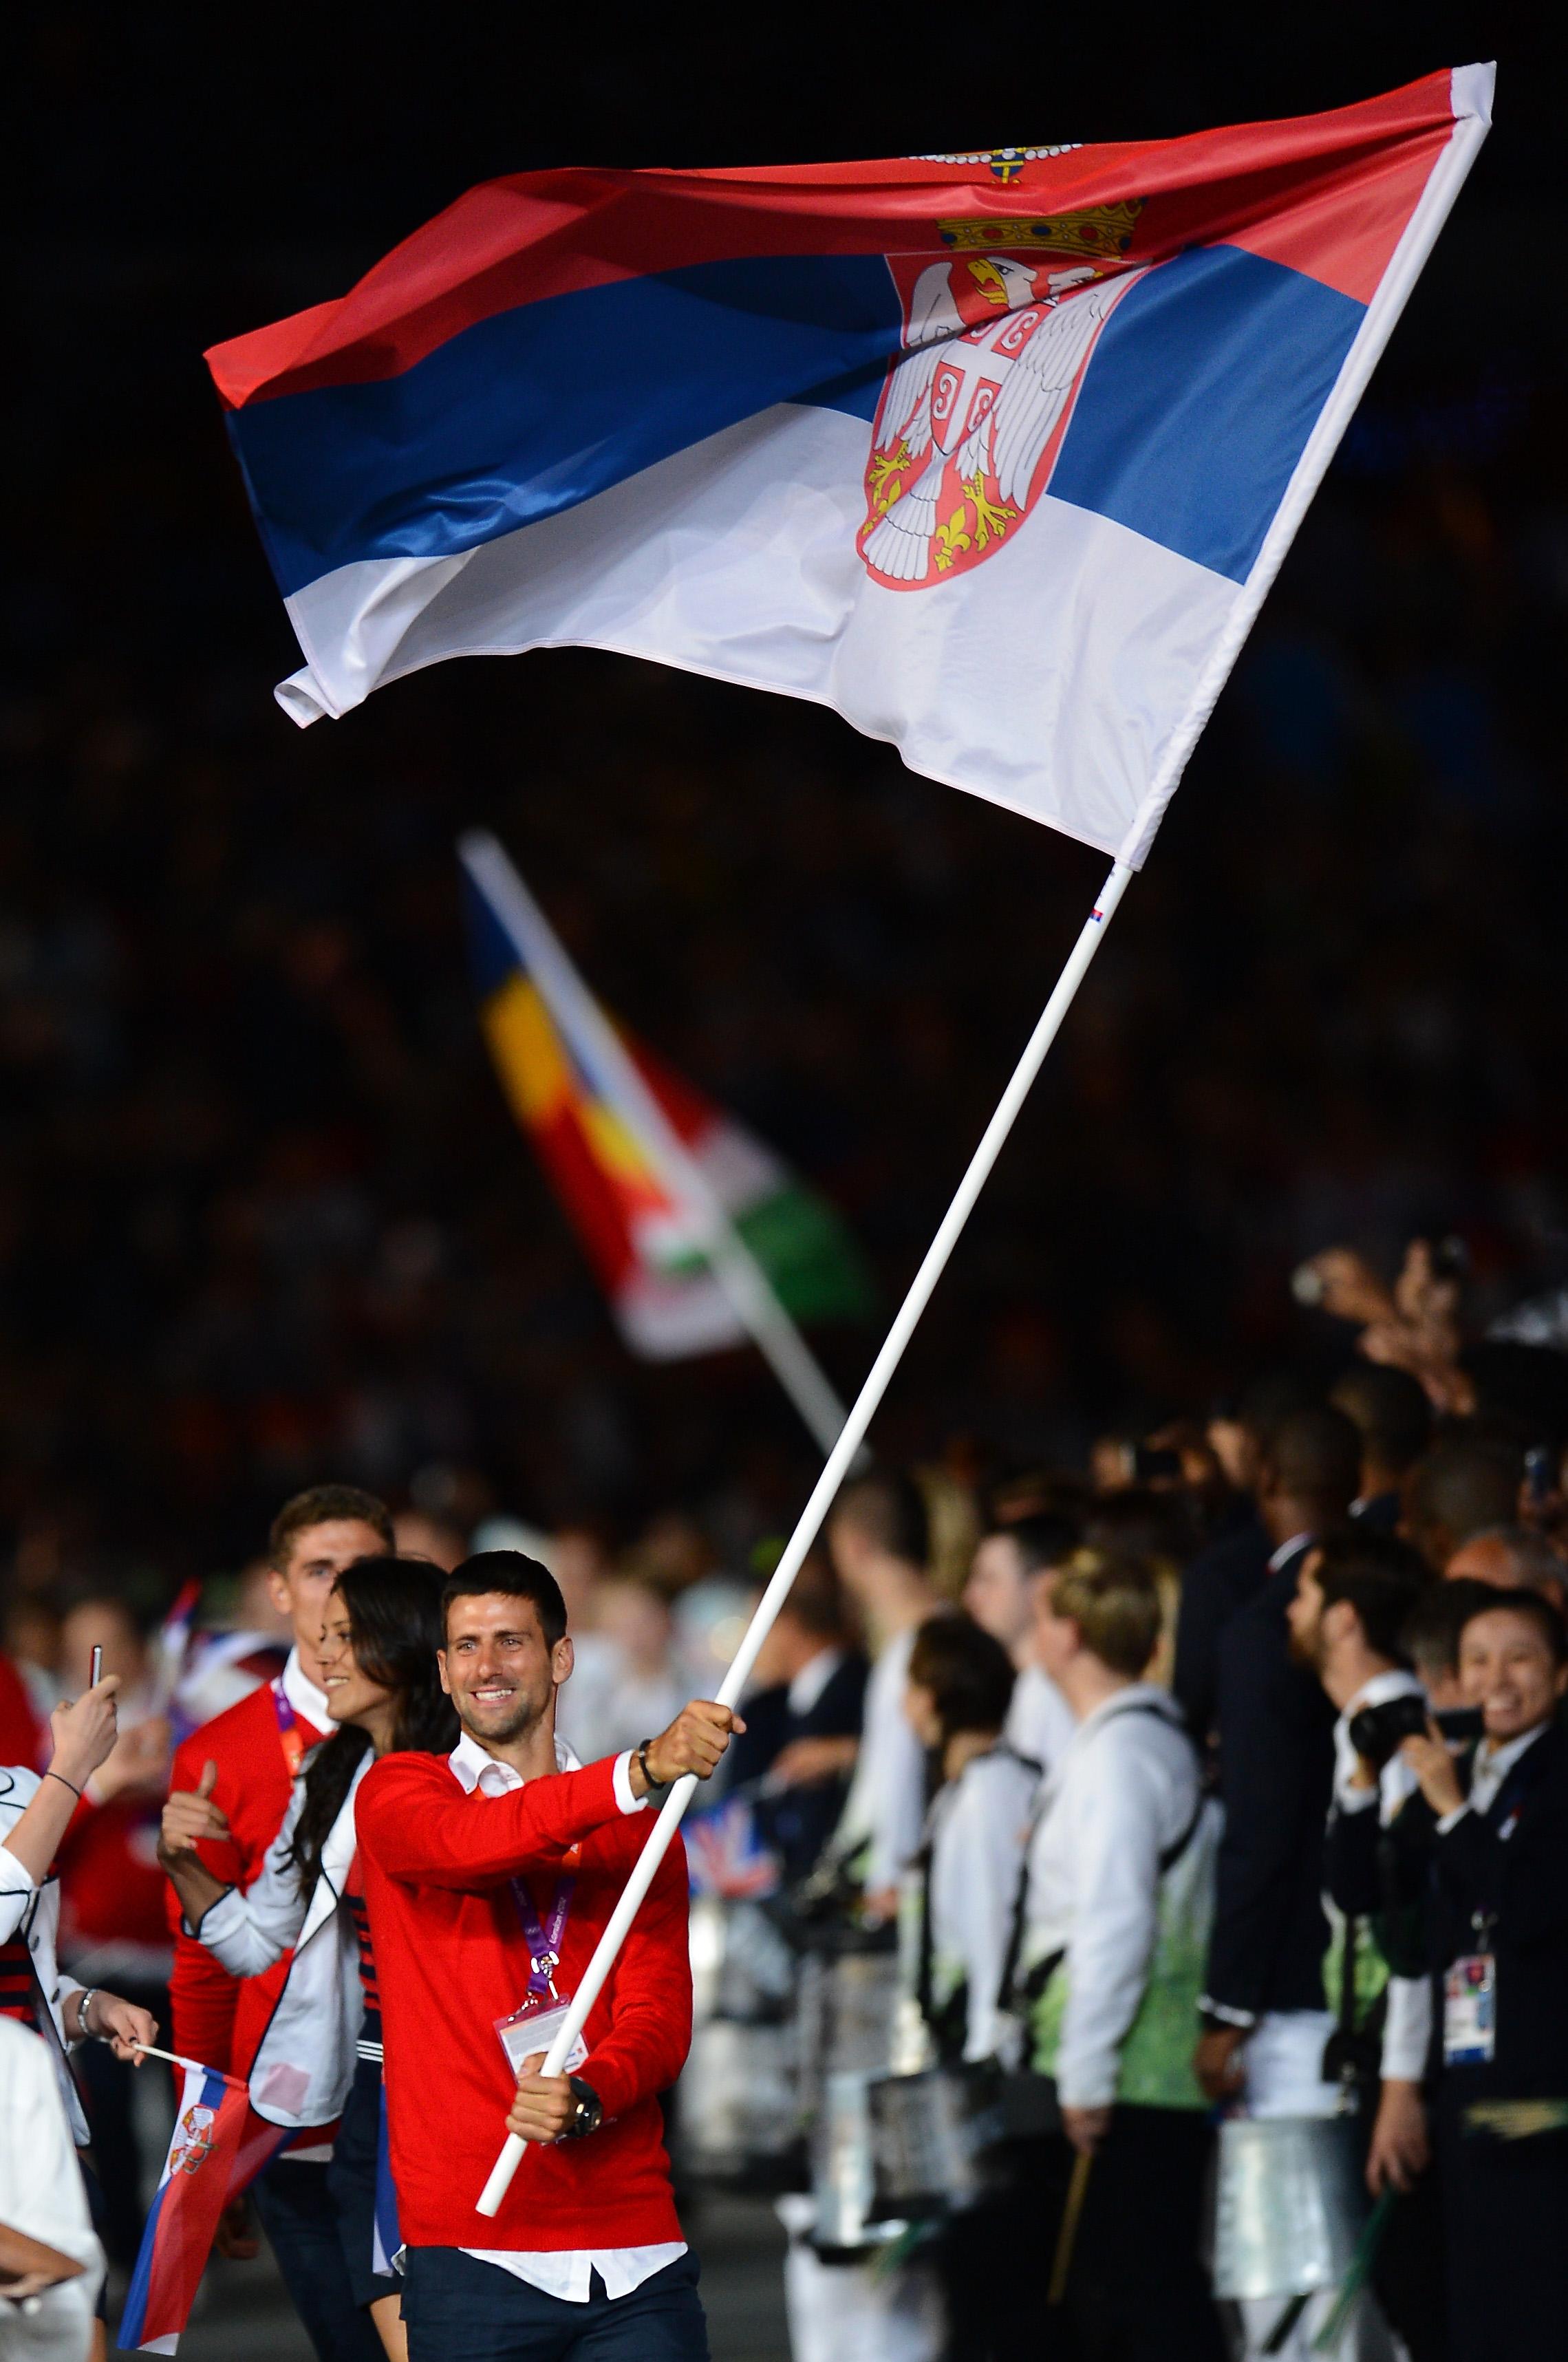 2012年伦敦奥运会,德约科维奇担任塞尔维亚旗手。